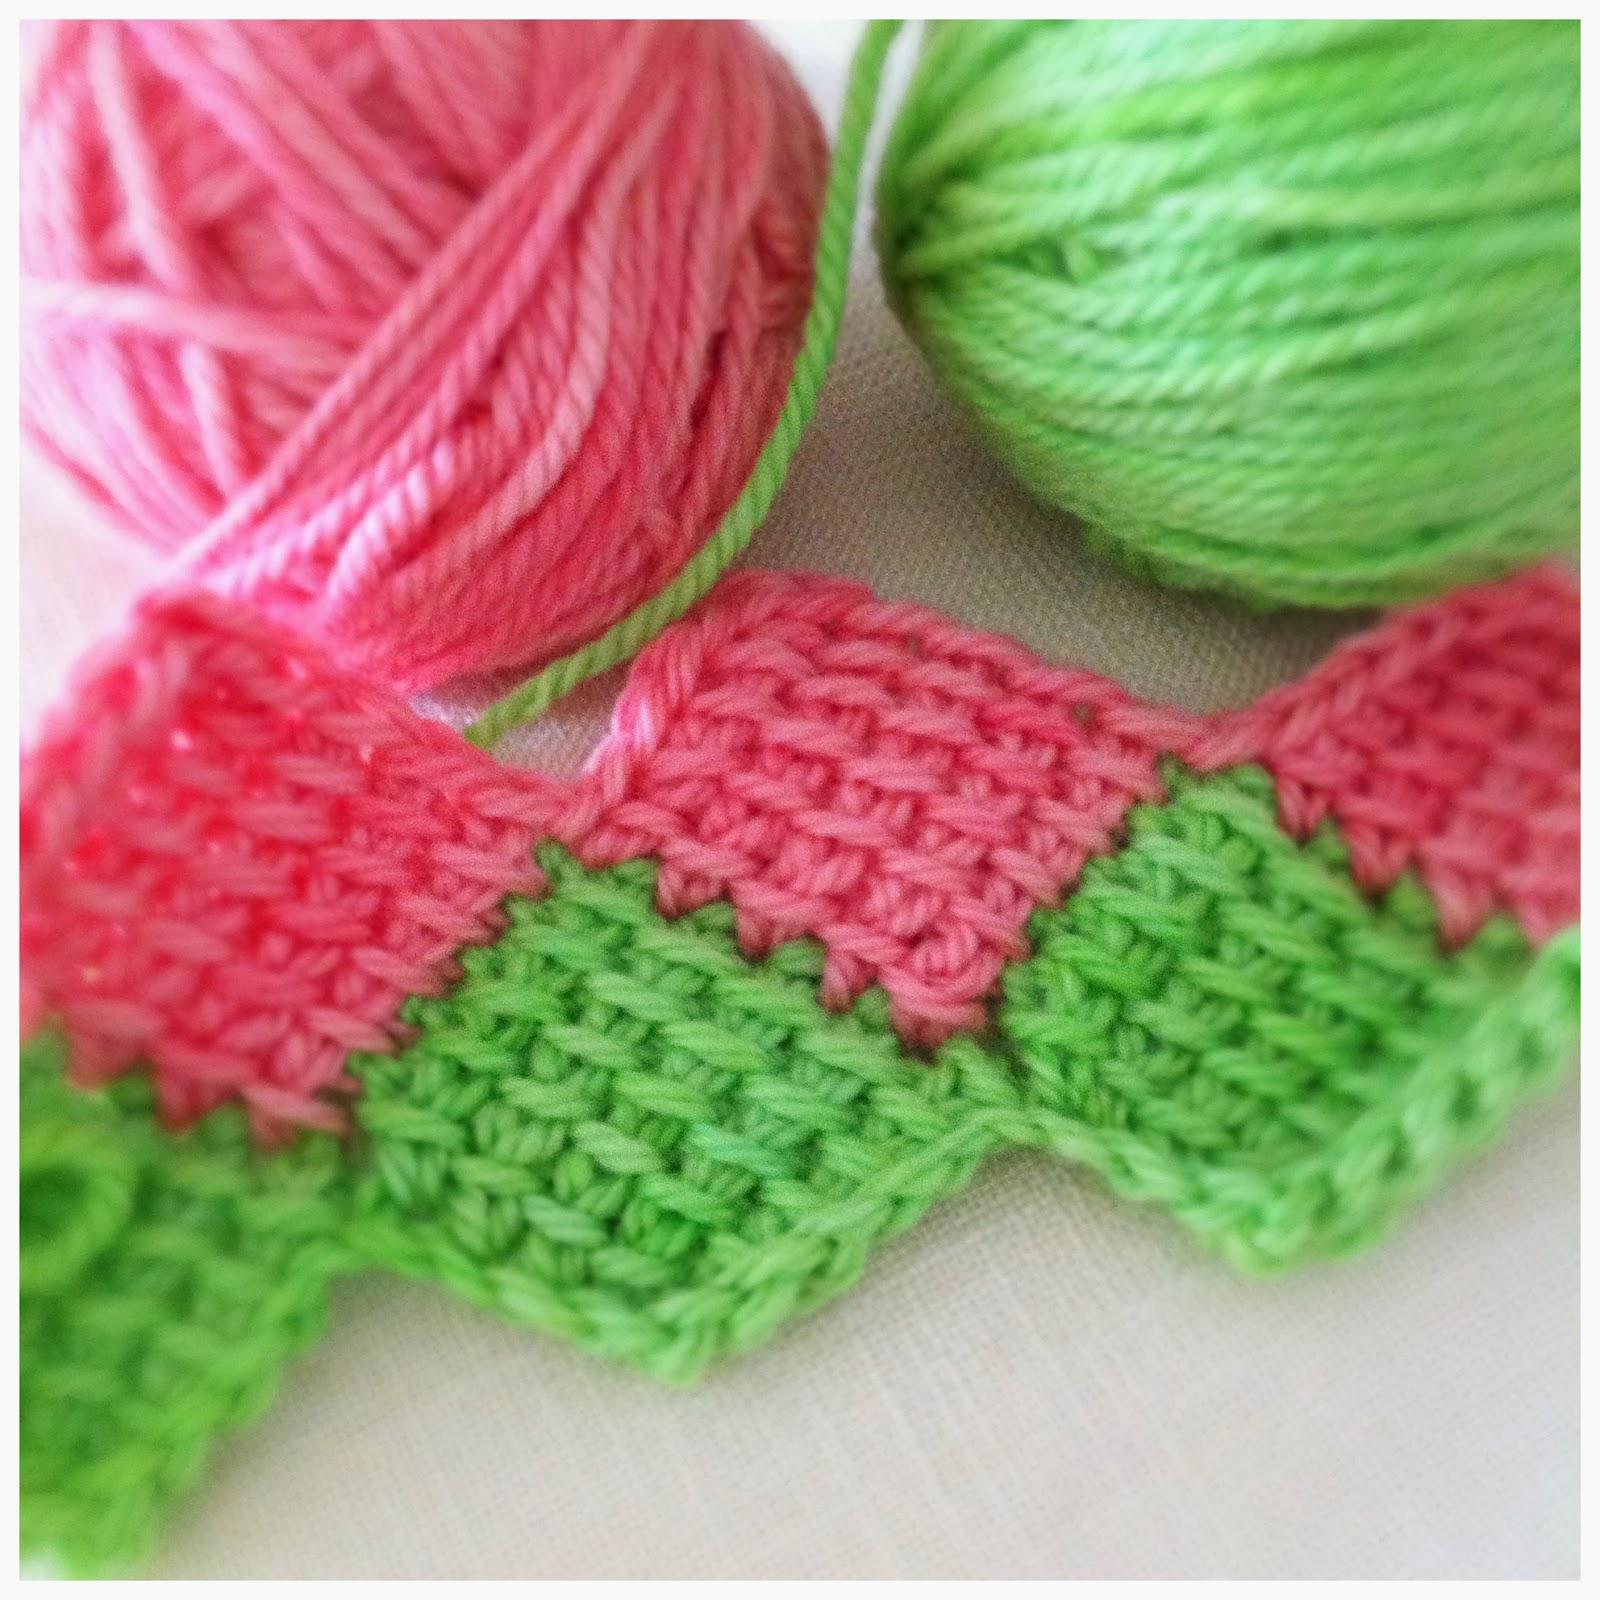 2012 work in progress entrelac crochet cuscino for Immagini uncinetto